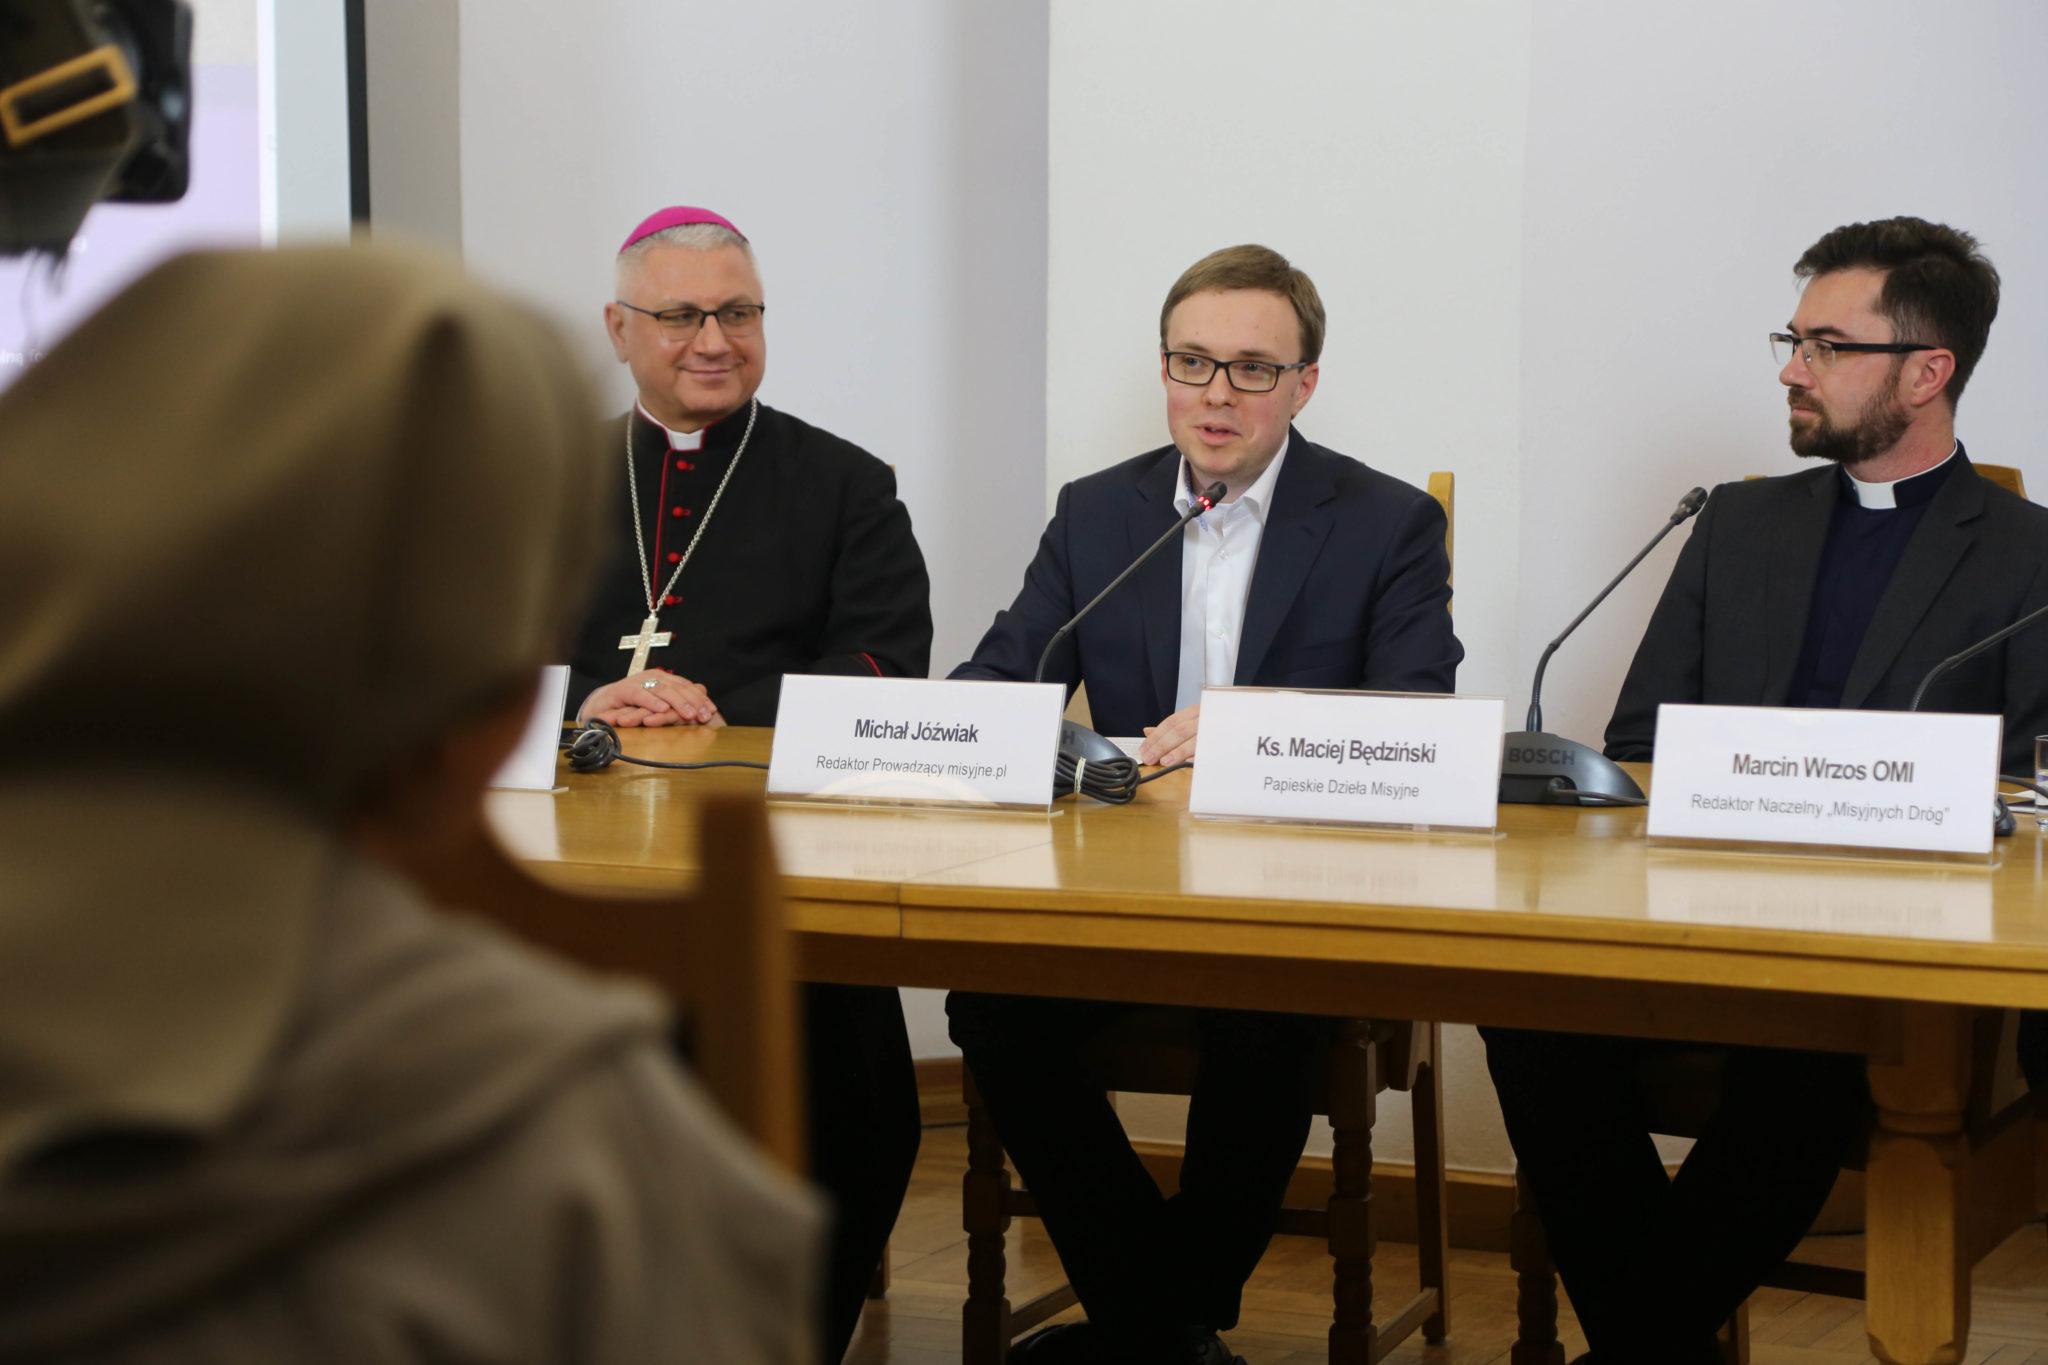 Misjonarz na Post, bp Artur Miziński, ks. Maciej Będziński i Michał Jóźwiak